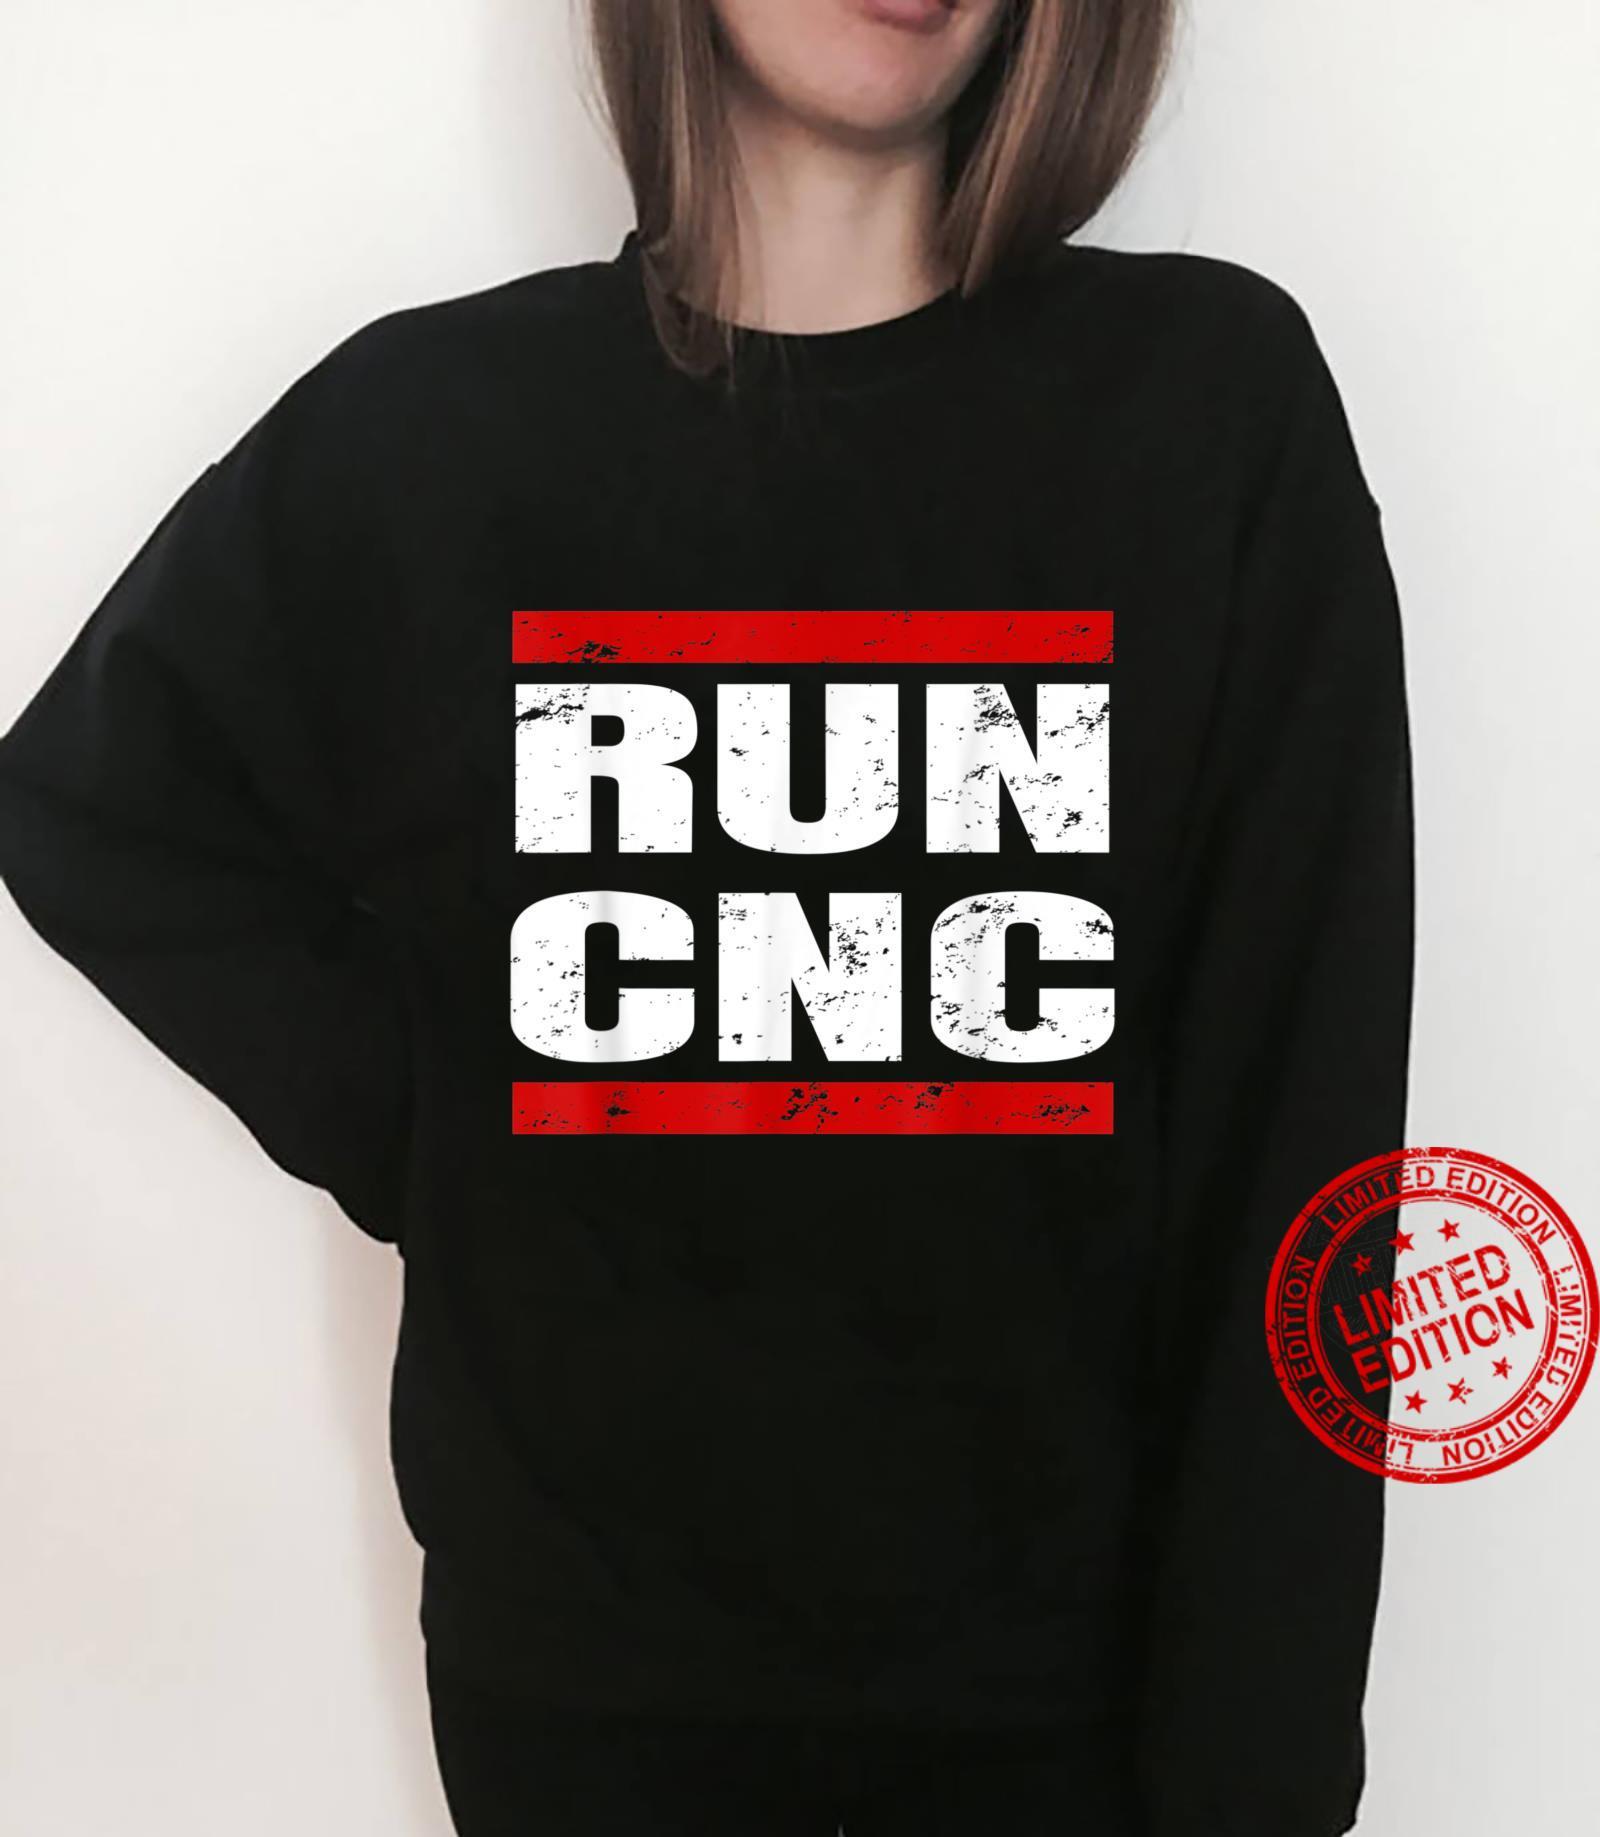 RUN CNC Zerspanungsmechaniker CNC Fräser Programmierer Shirt sweater